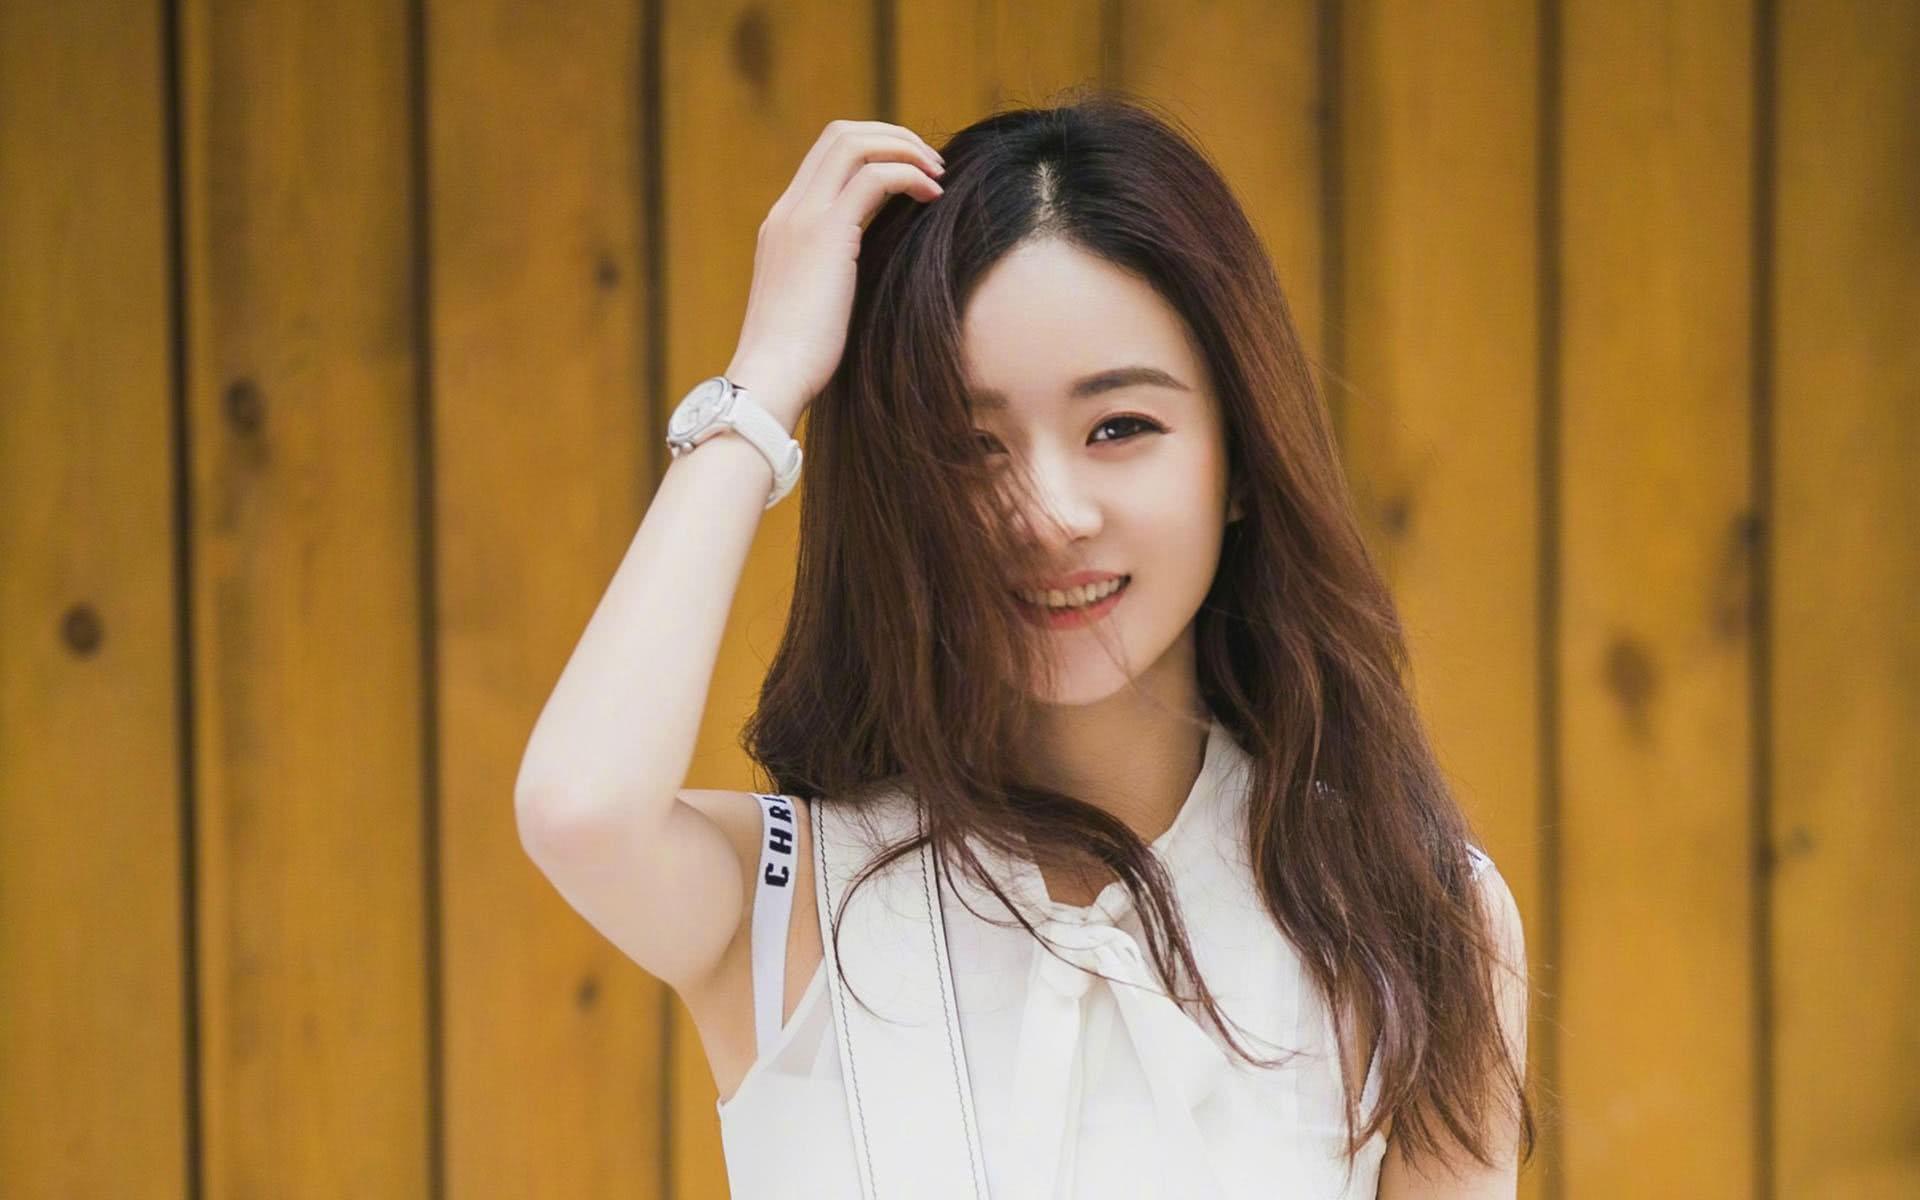 So sánh 5 cô bạn gái của Phùng Thiệu Phong: Người bị chê EQ thấp, kẻ lộ ảnh nóng thuở chập chững vào nghề - Ảnh 4.